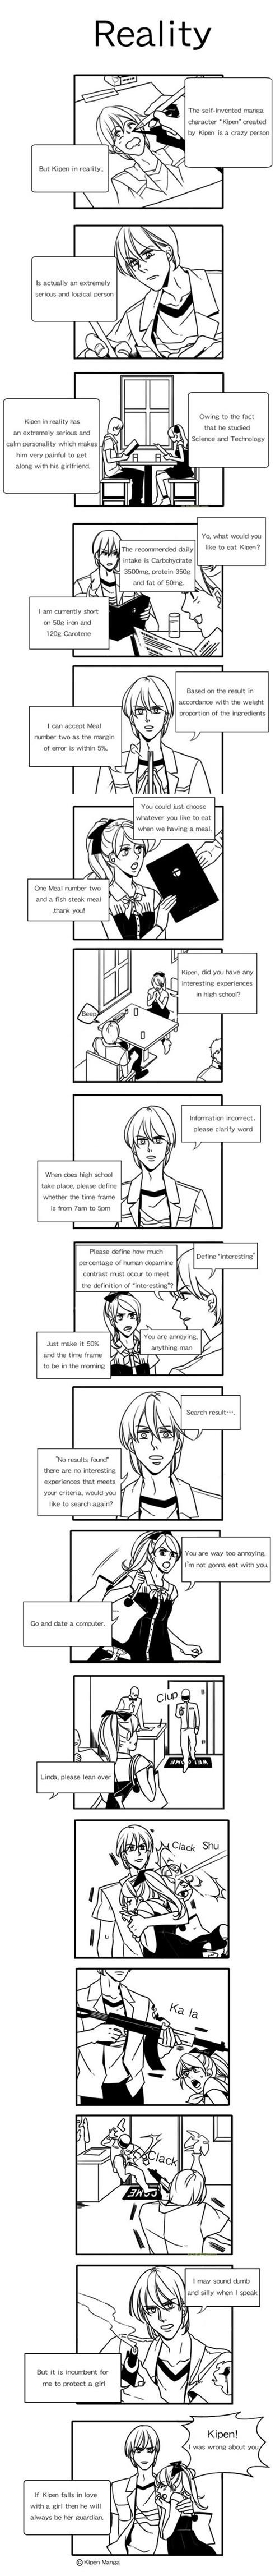 funny-web-comics-the-logic-of-love